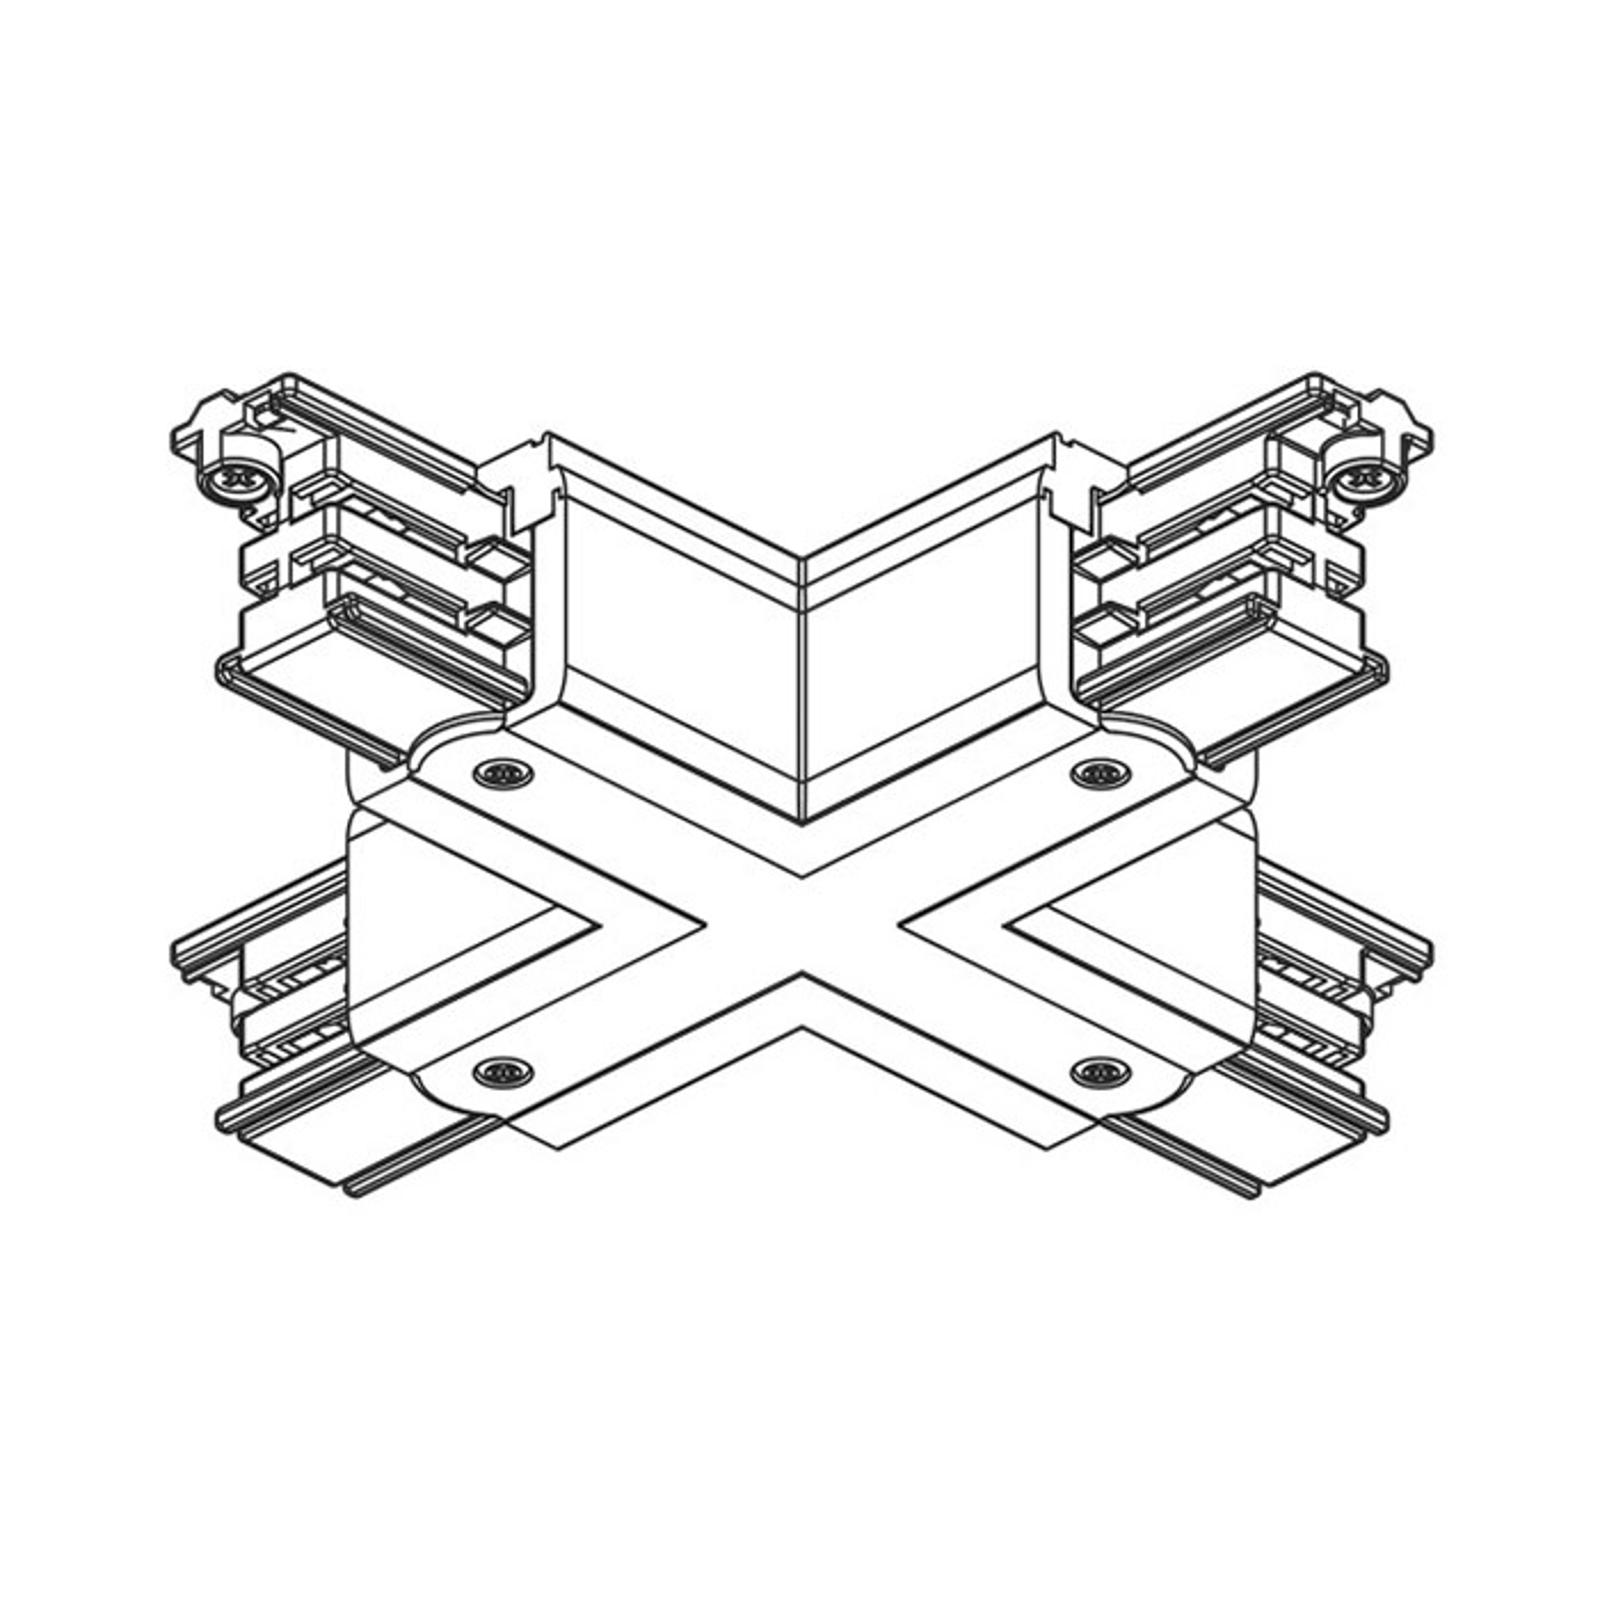 X-Verbinder 3-Phasen Stromschiene Noa, grau